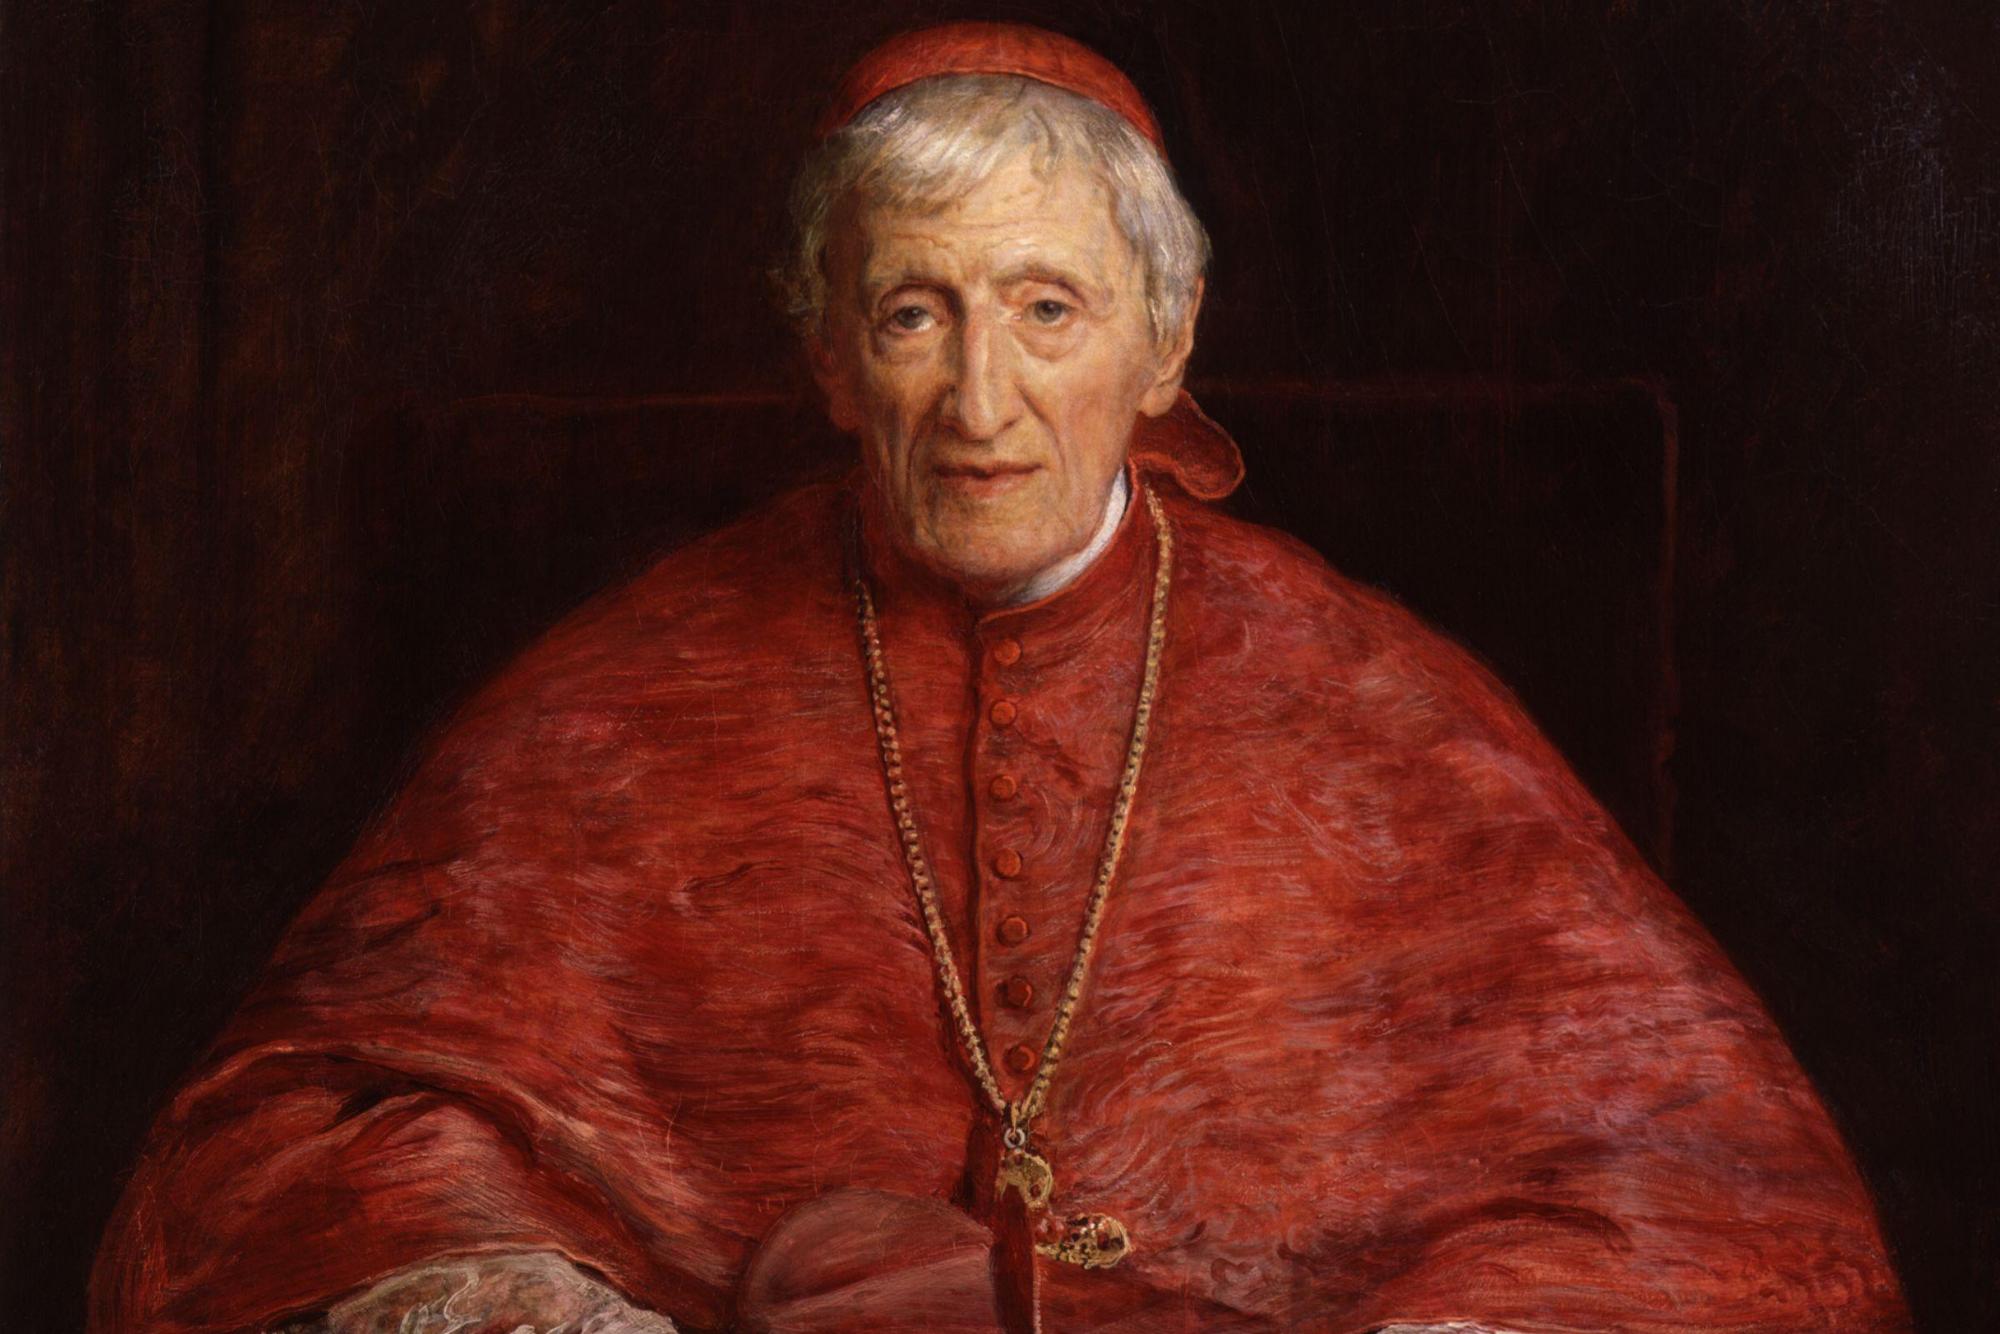 St John Henry Newman